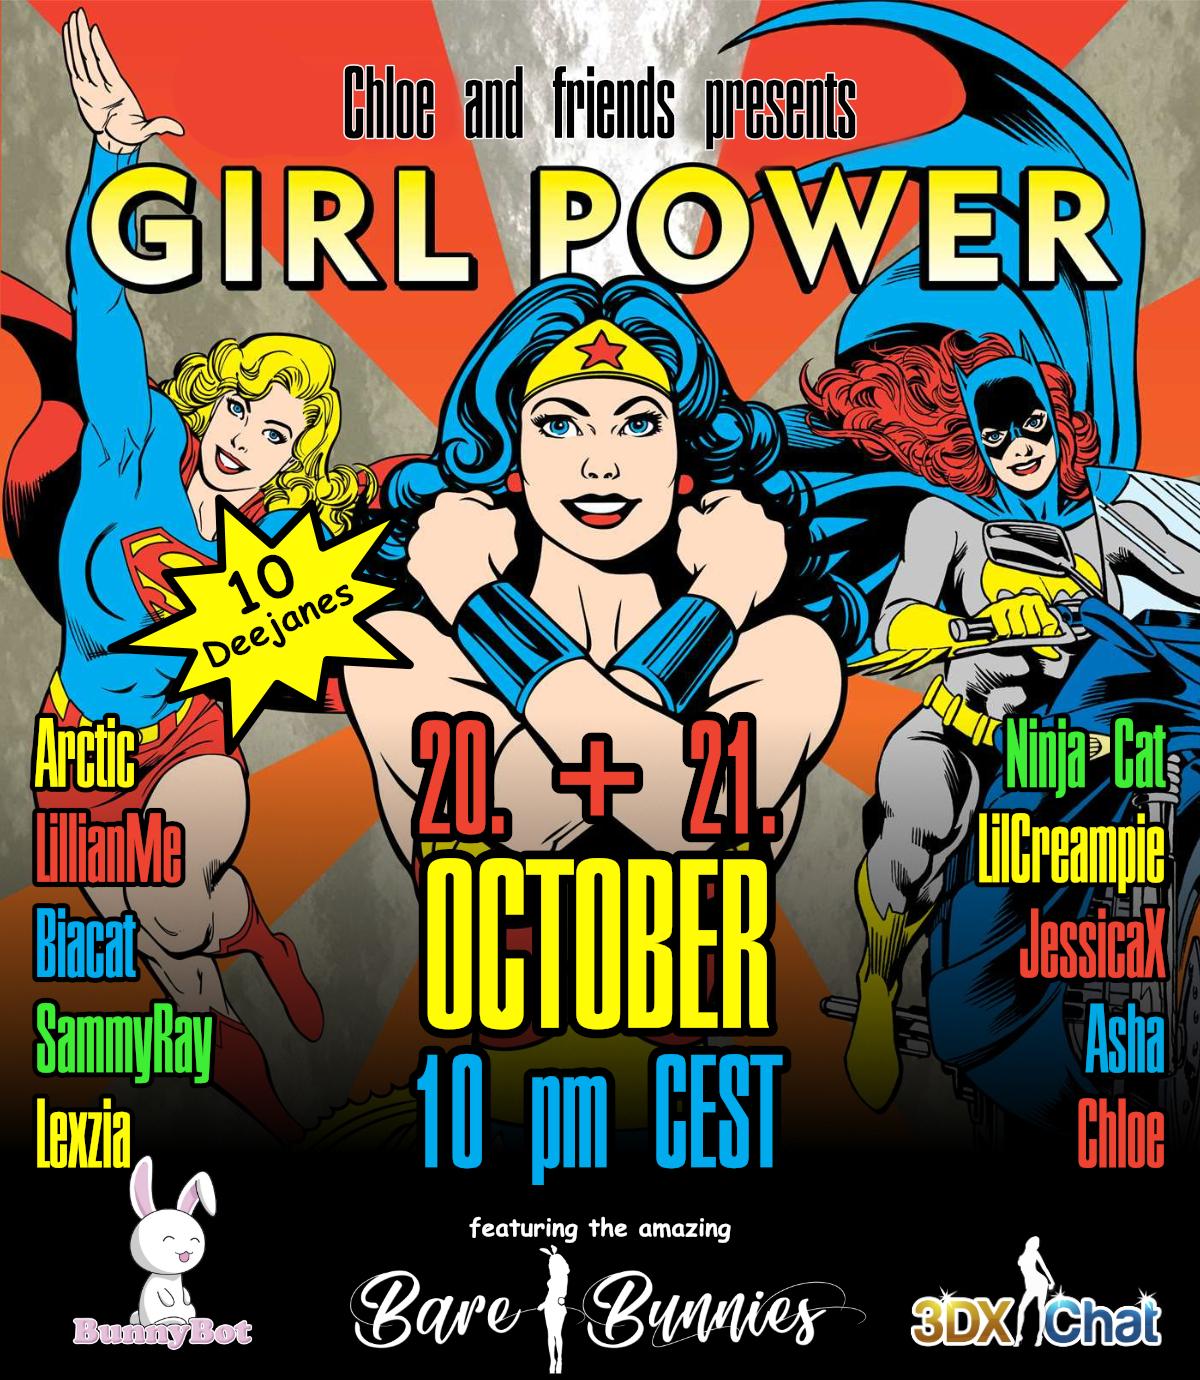 girlpower2swels.jpg